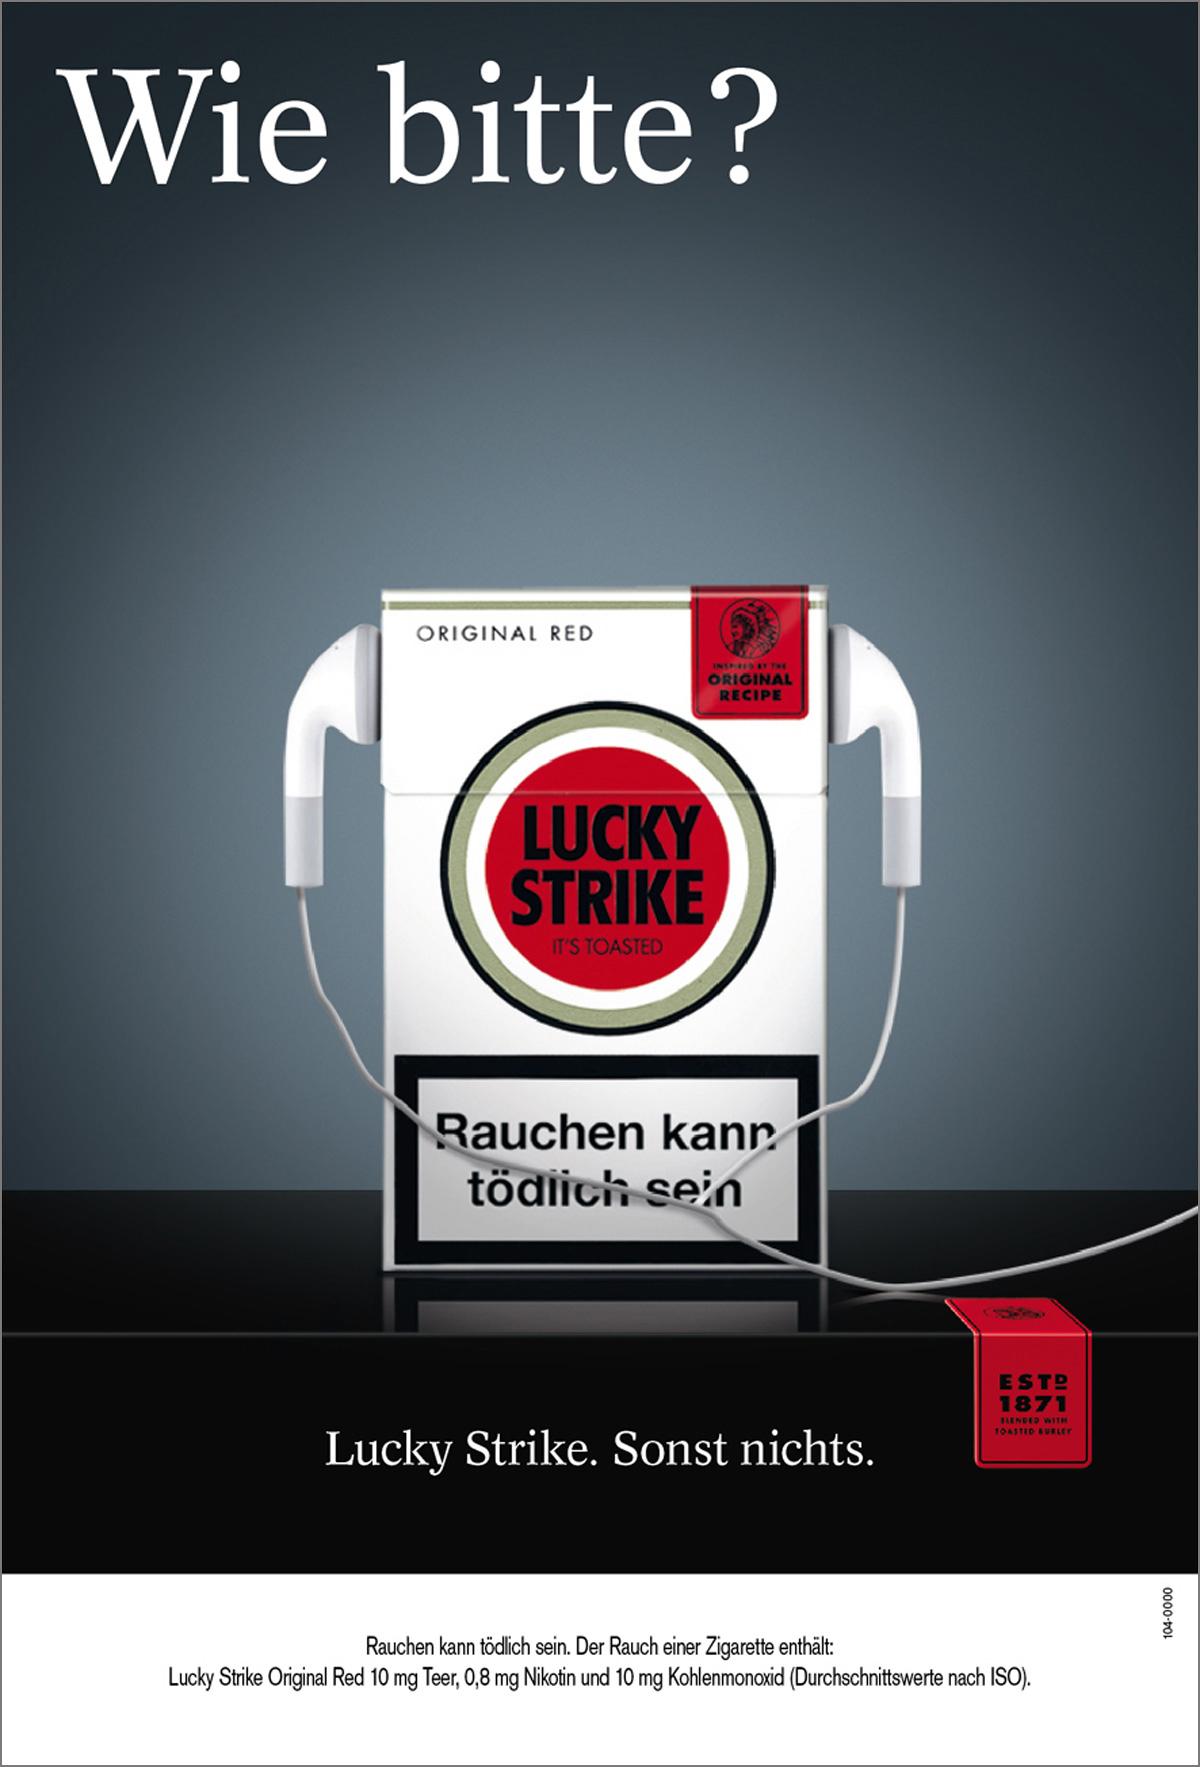 Motiv_5_LuckyStrikeKlassiker